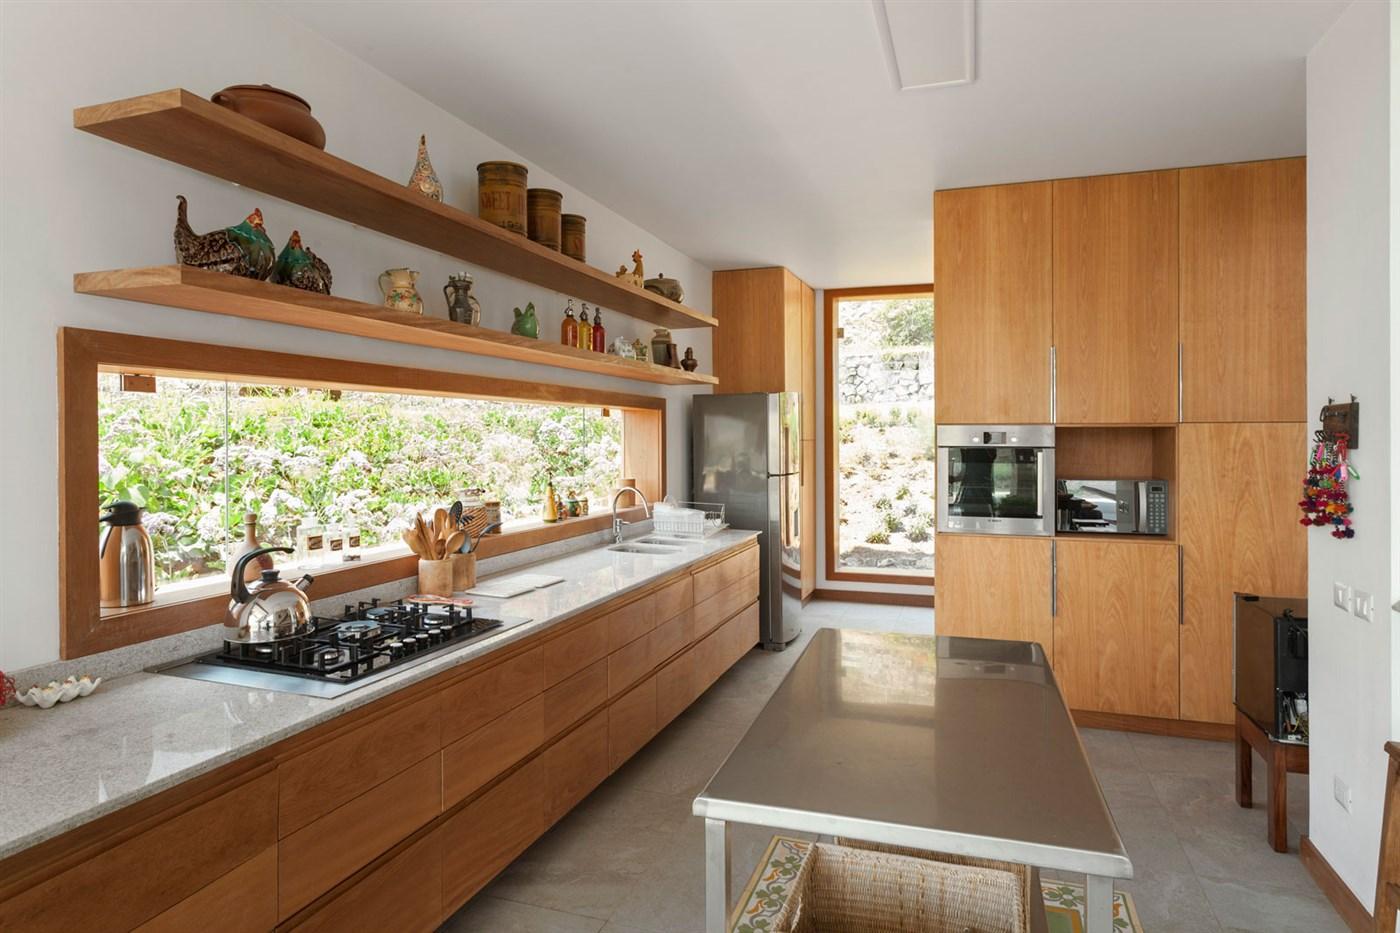 wood kitchen design ideas